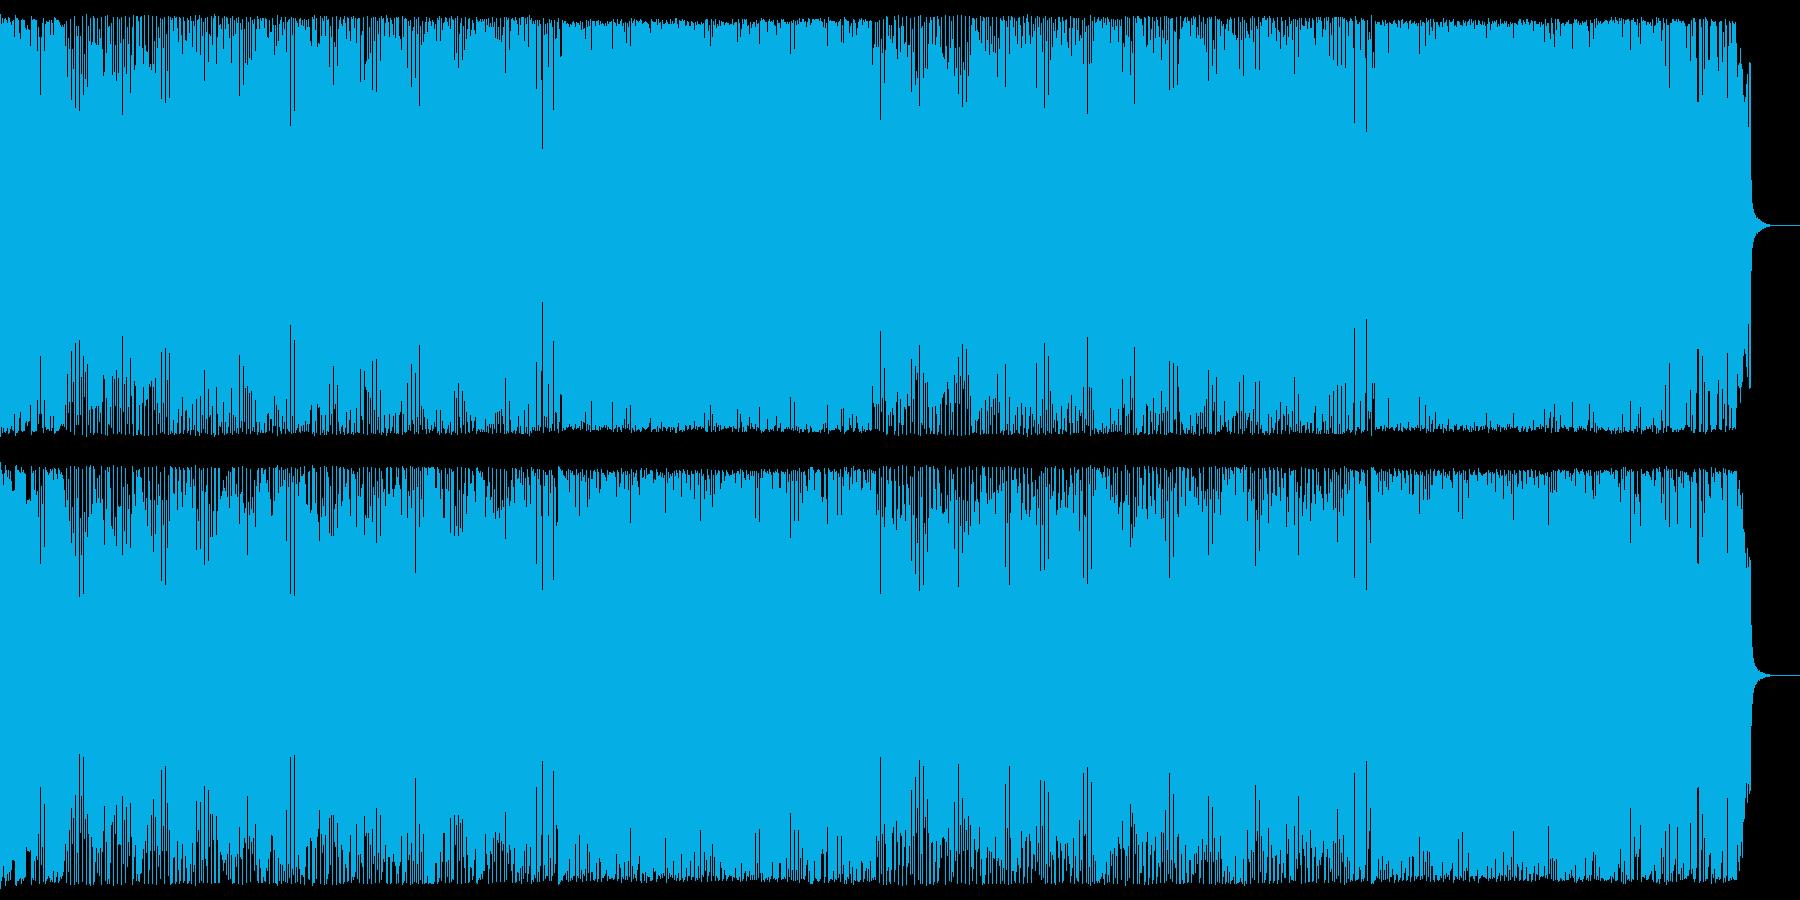 イベントのオープニングに爽やかな4つ打ちの再生済みの波形